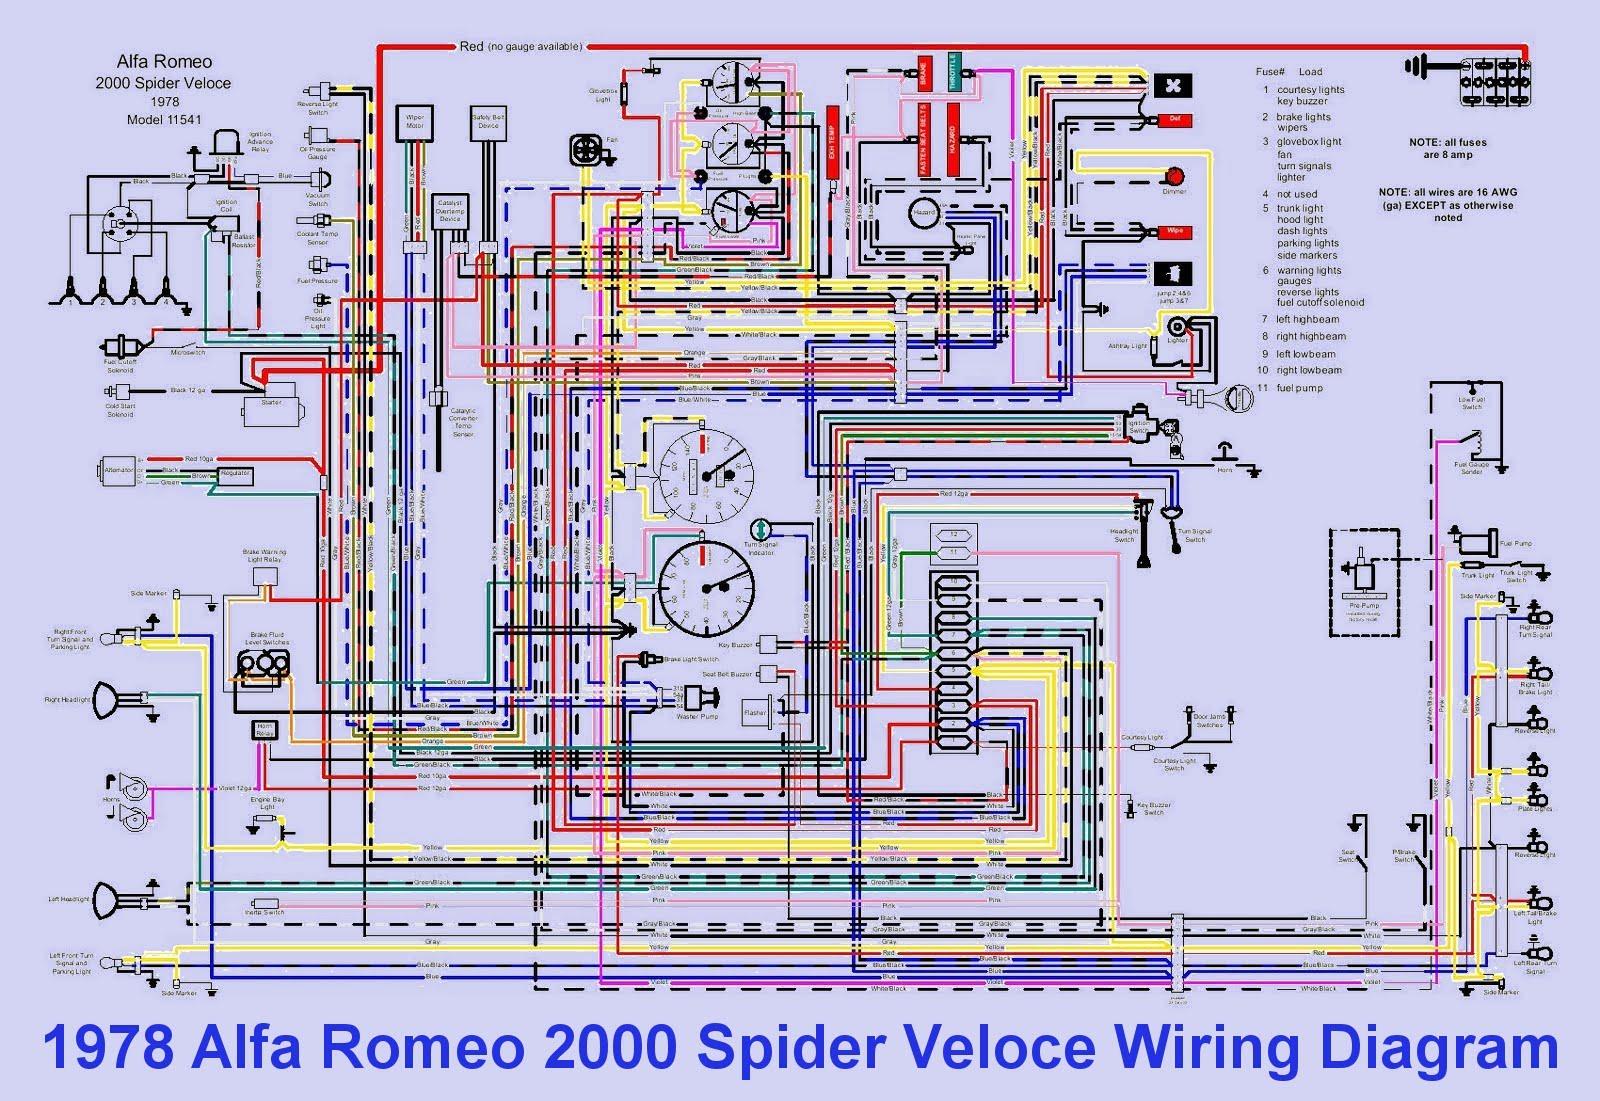 1978 Alfa Romeo 2000 Spider Veloce Wiring Diagram | Auto